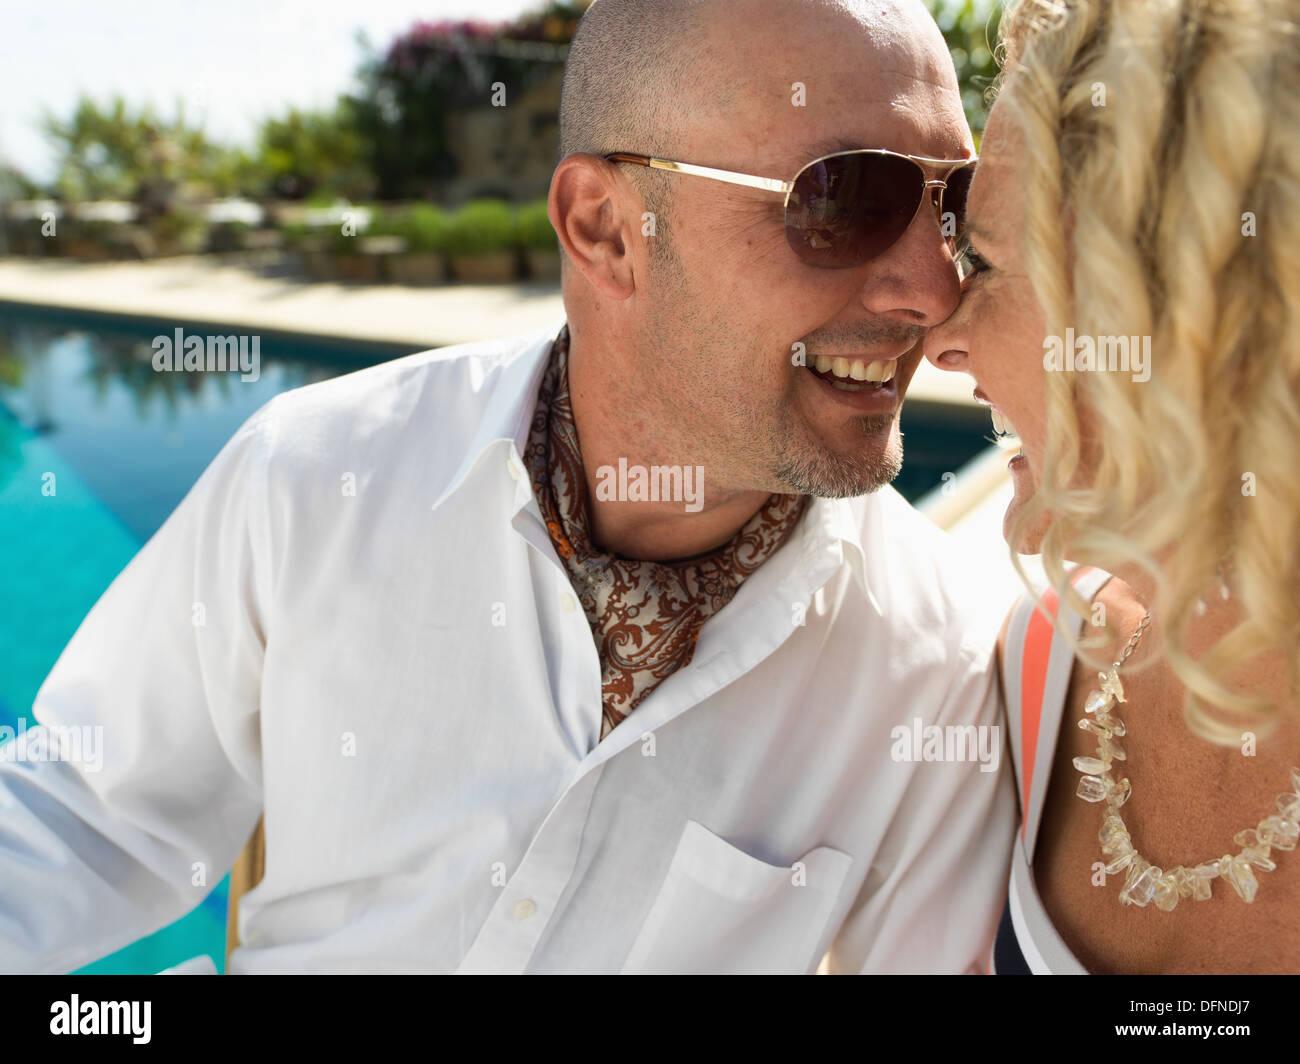 Un bien construido joven toca la punta de la nariz de una mujer bonita por su punta por el lado de la piscina en San Diego. Imagen De Stock